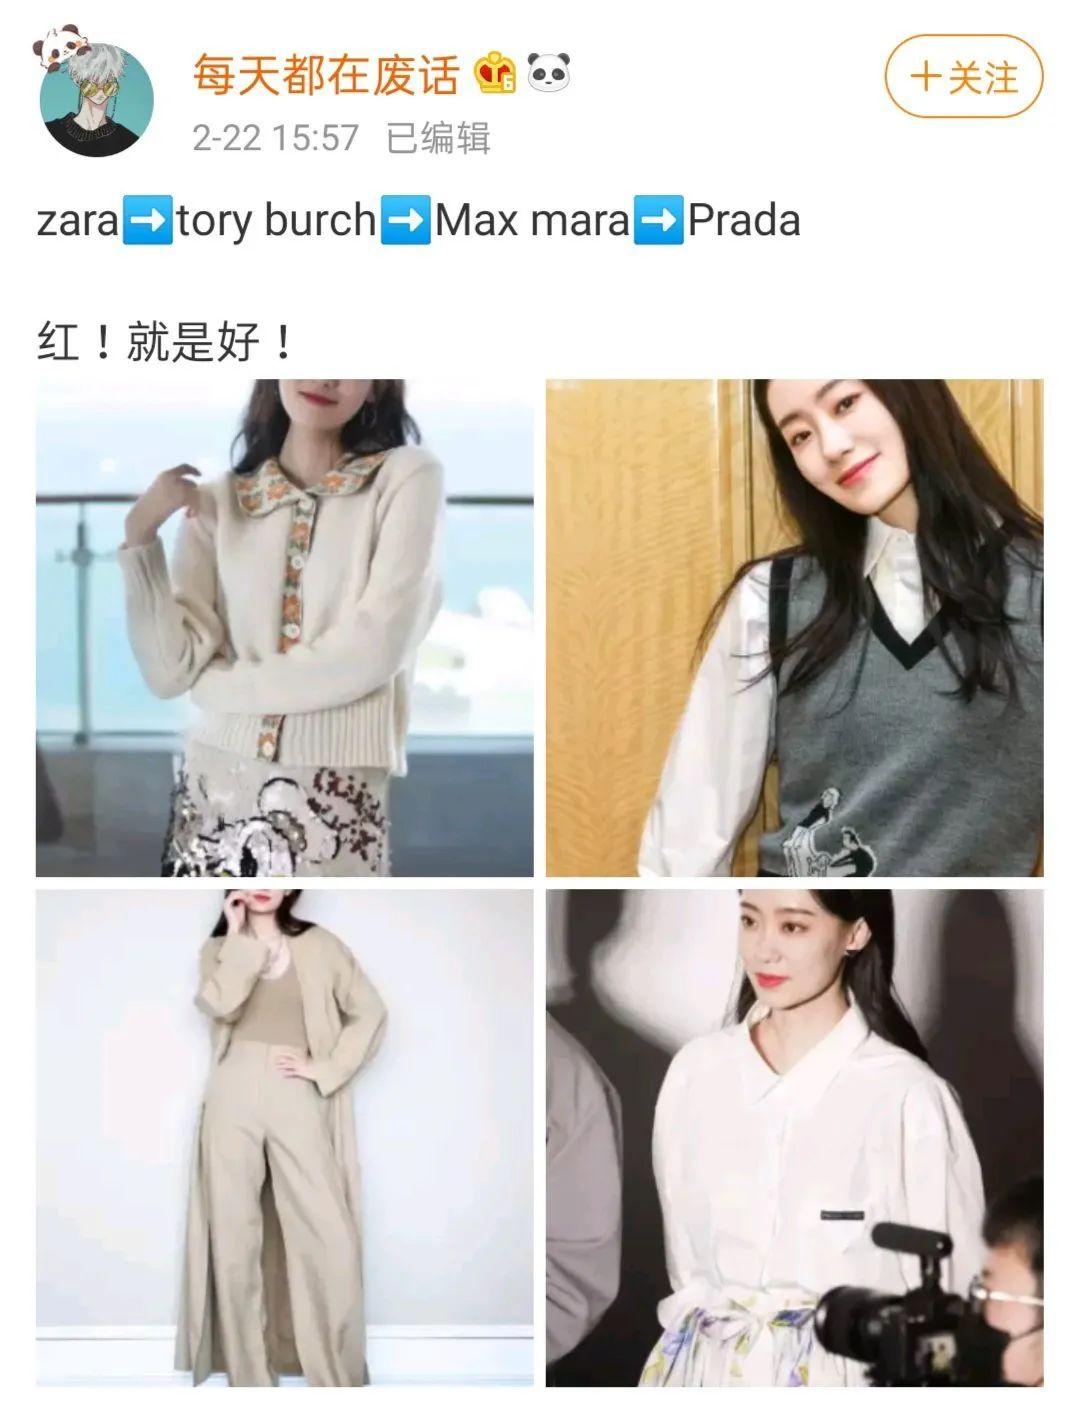 赚了48亿就是爽!短短5天,从穿Zara到穿Prada、让踩过她的人都道歉